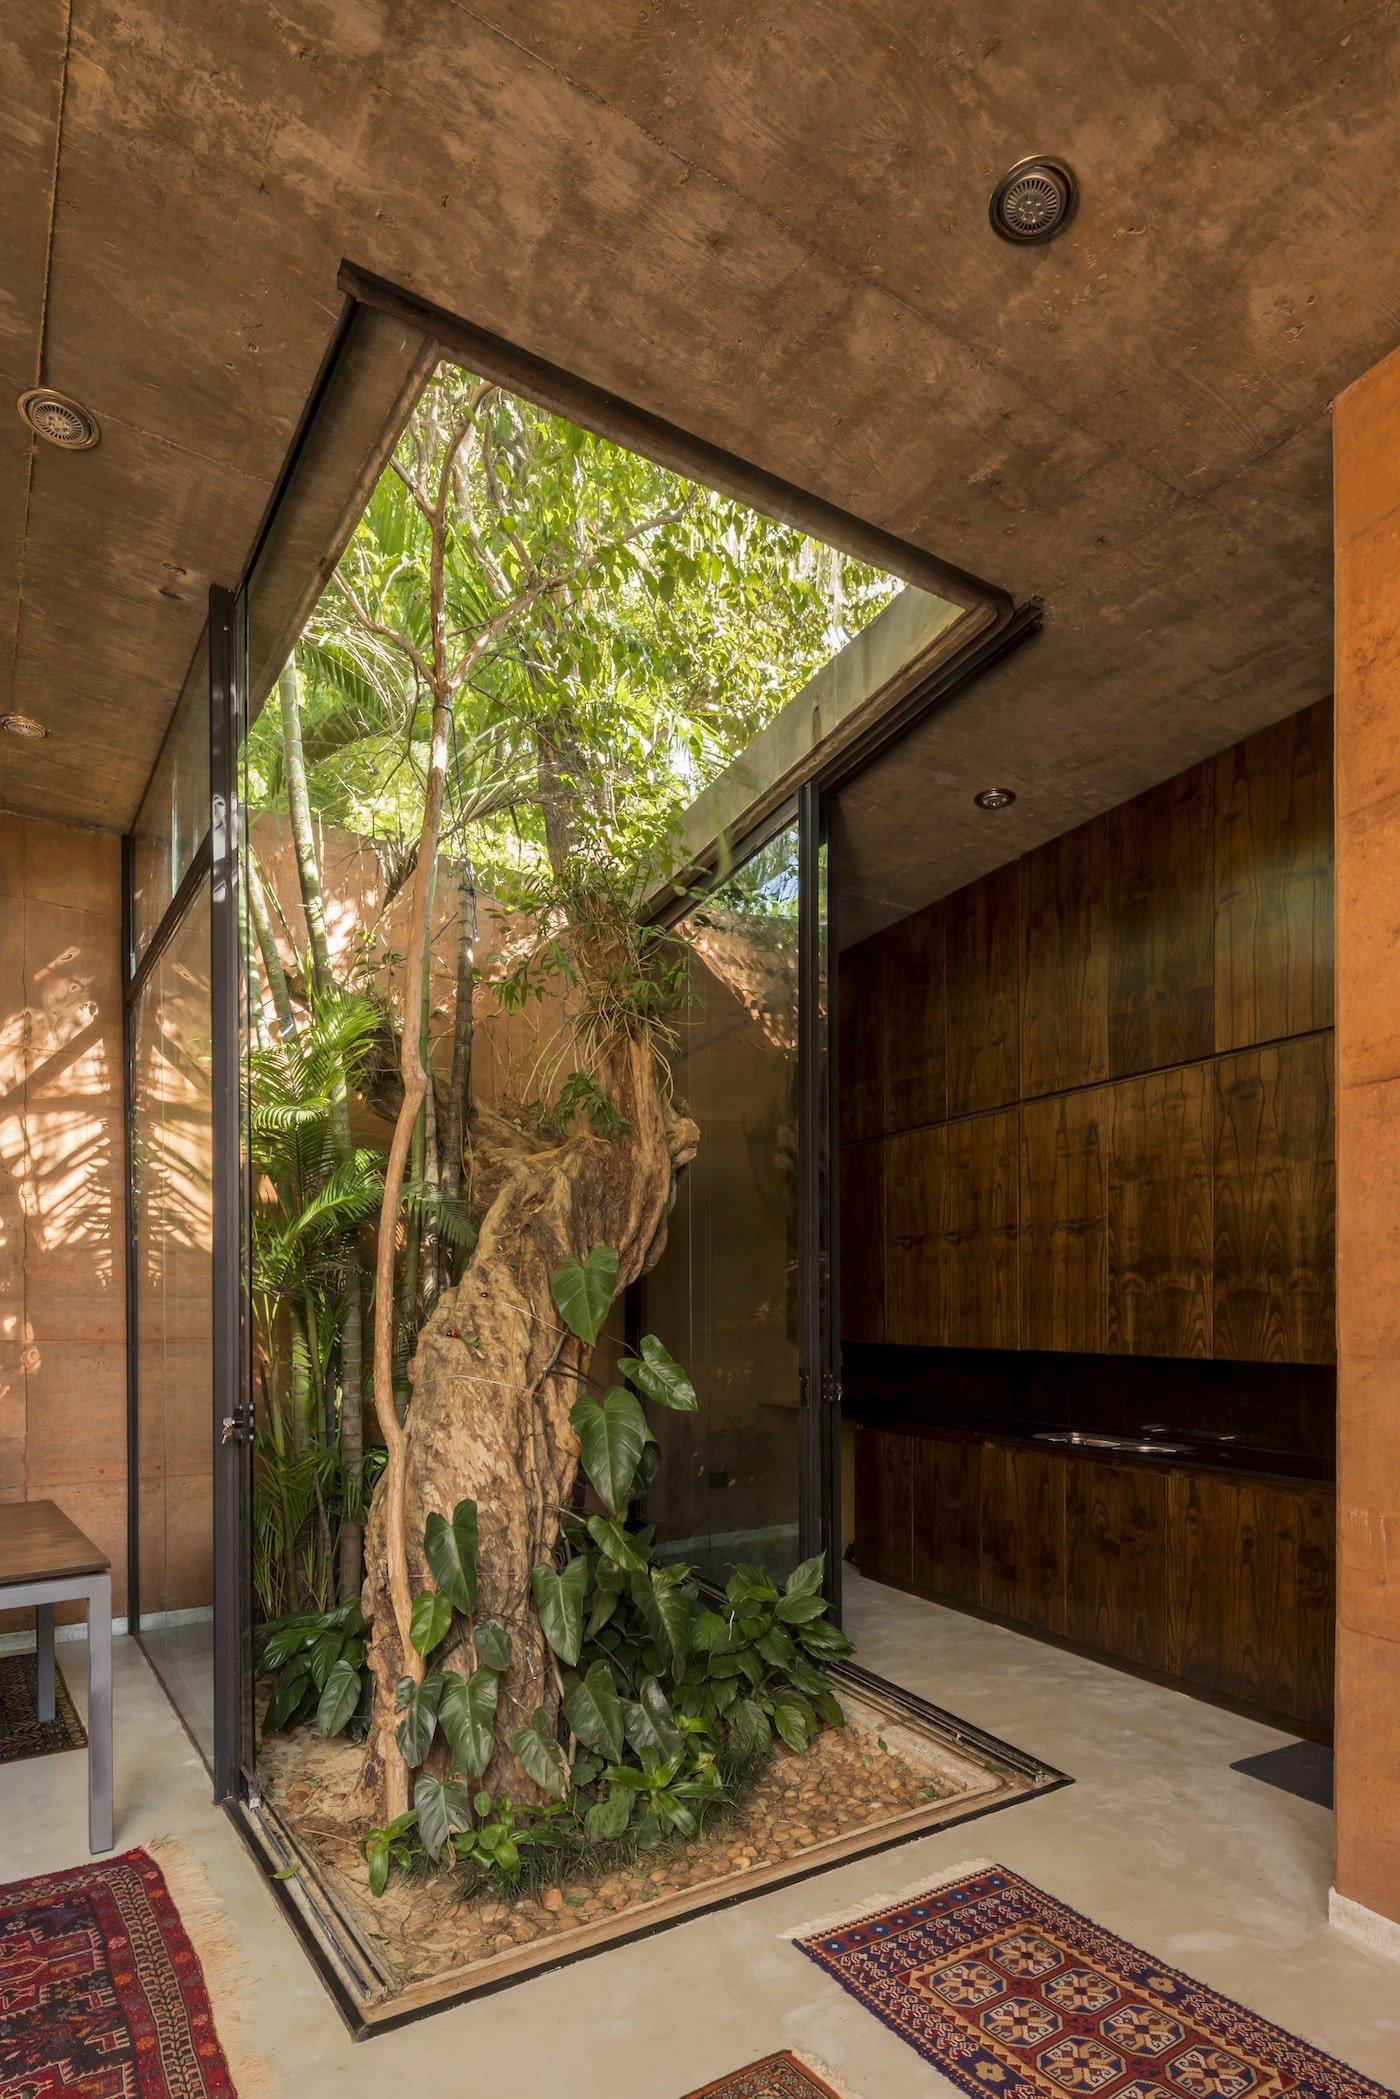 Tree inside rammed earth building